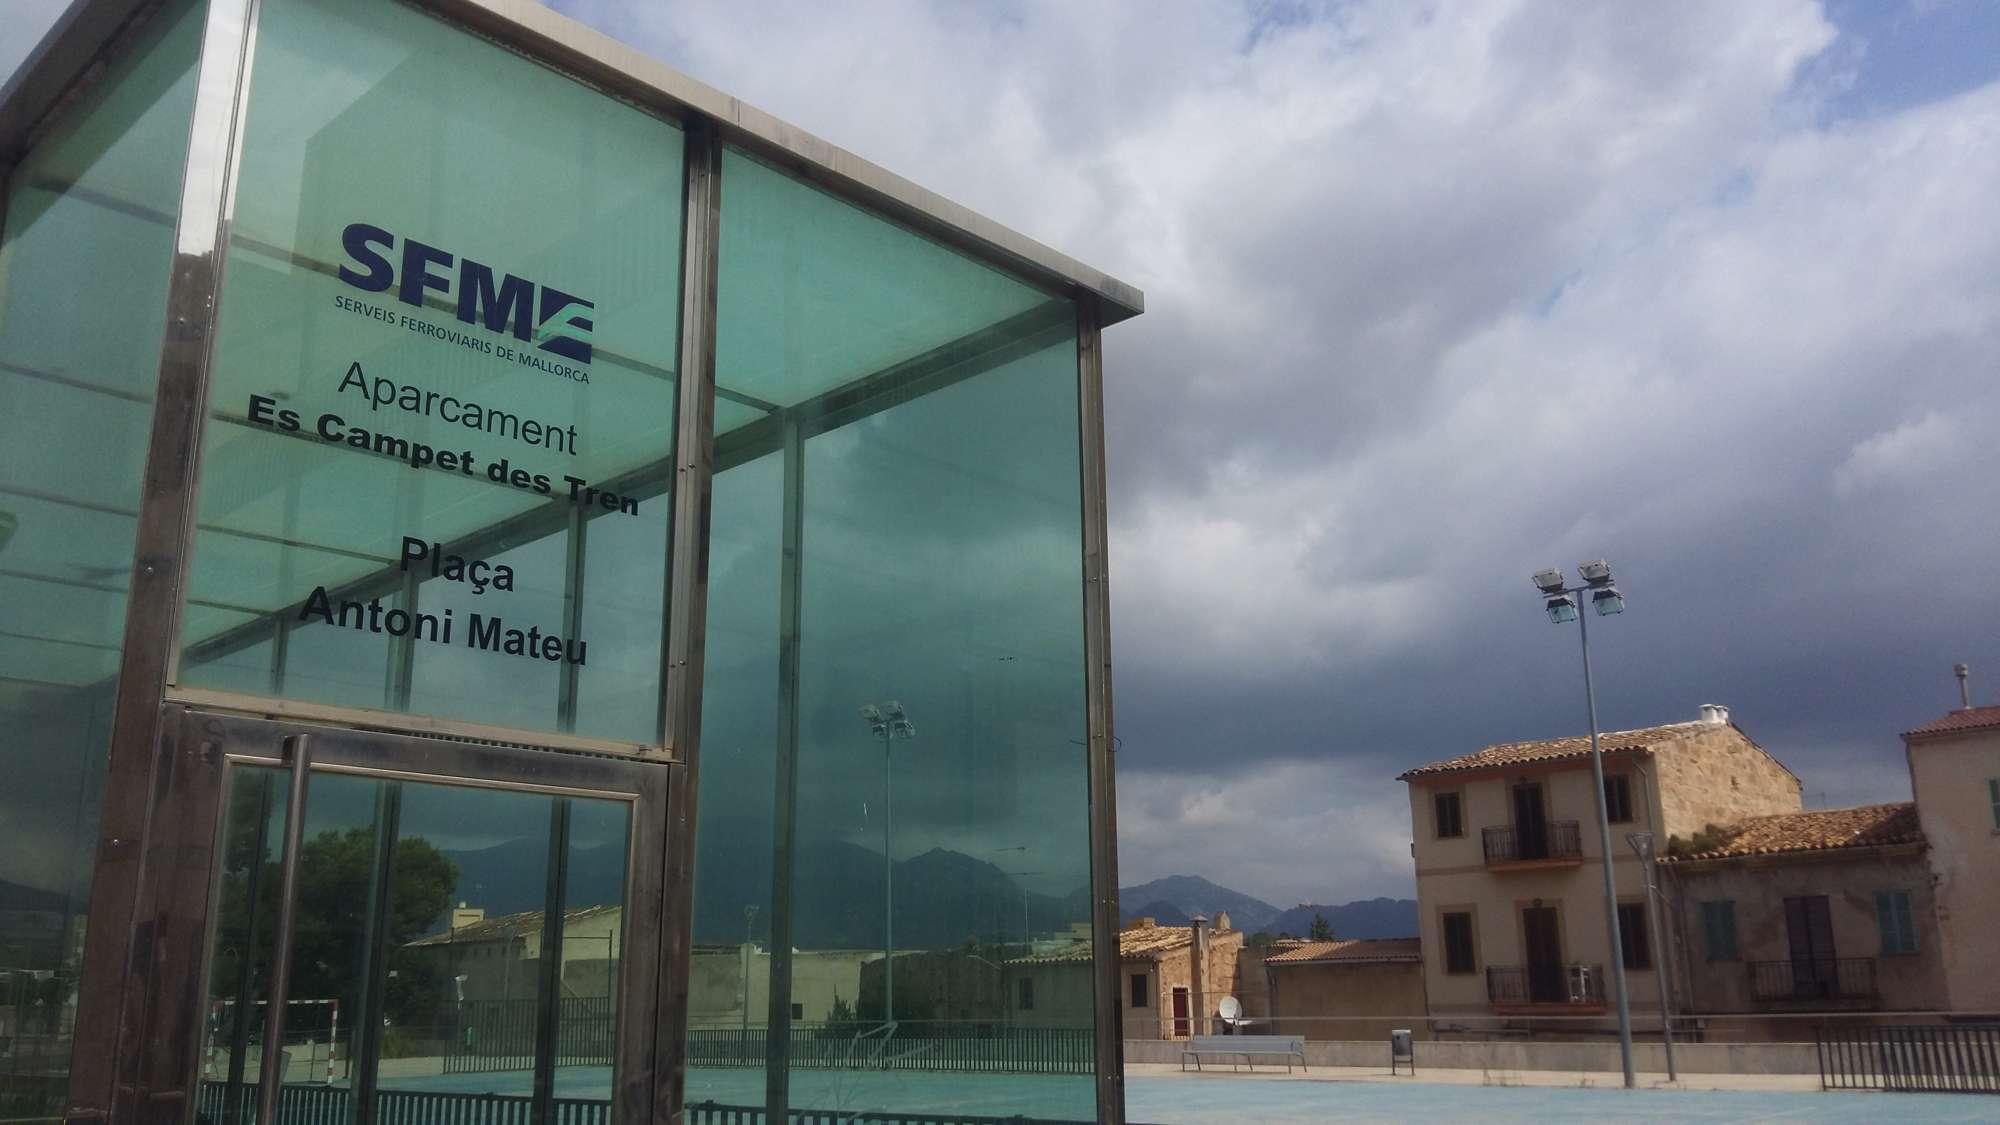 Activa't Inca y Pimeco reclaman el compromiso municipal para abrir el aparcamiento del Campet des Tren y dinamizar el comercio de la zona